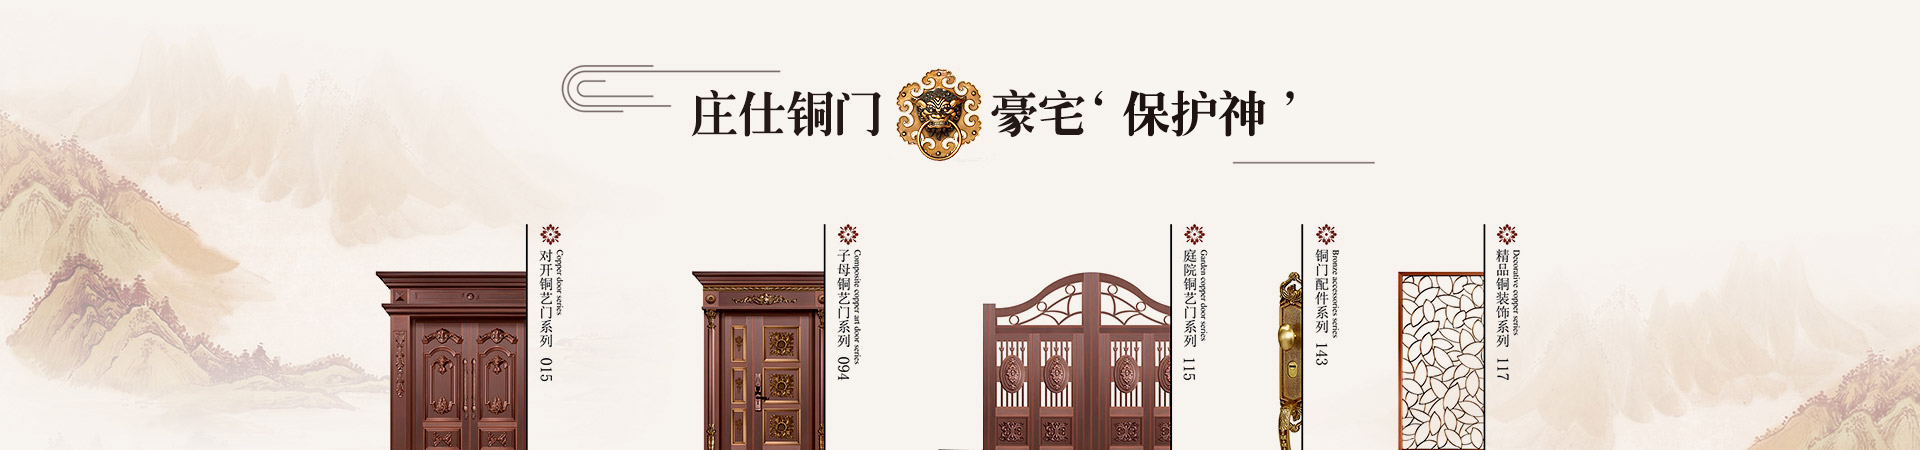 庄仕铜门,豪宅保护神